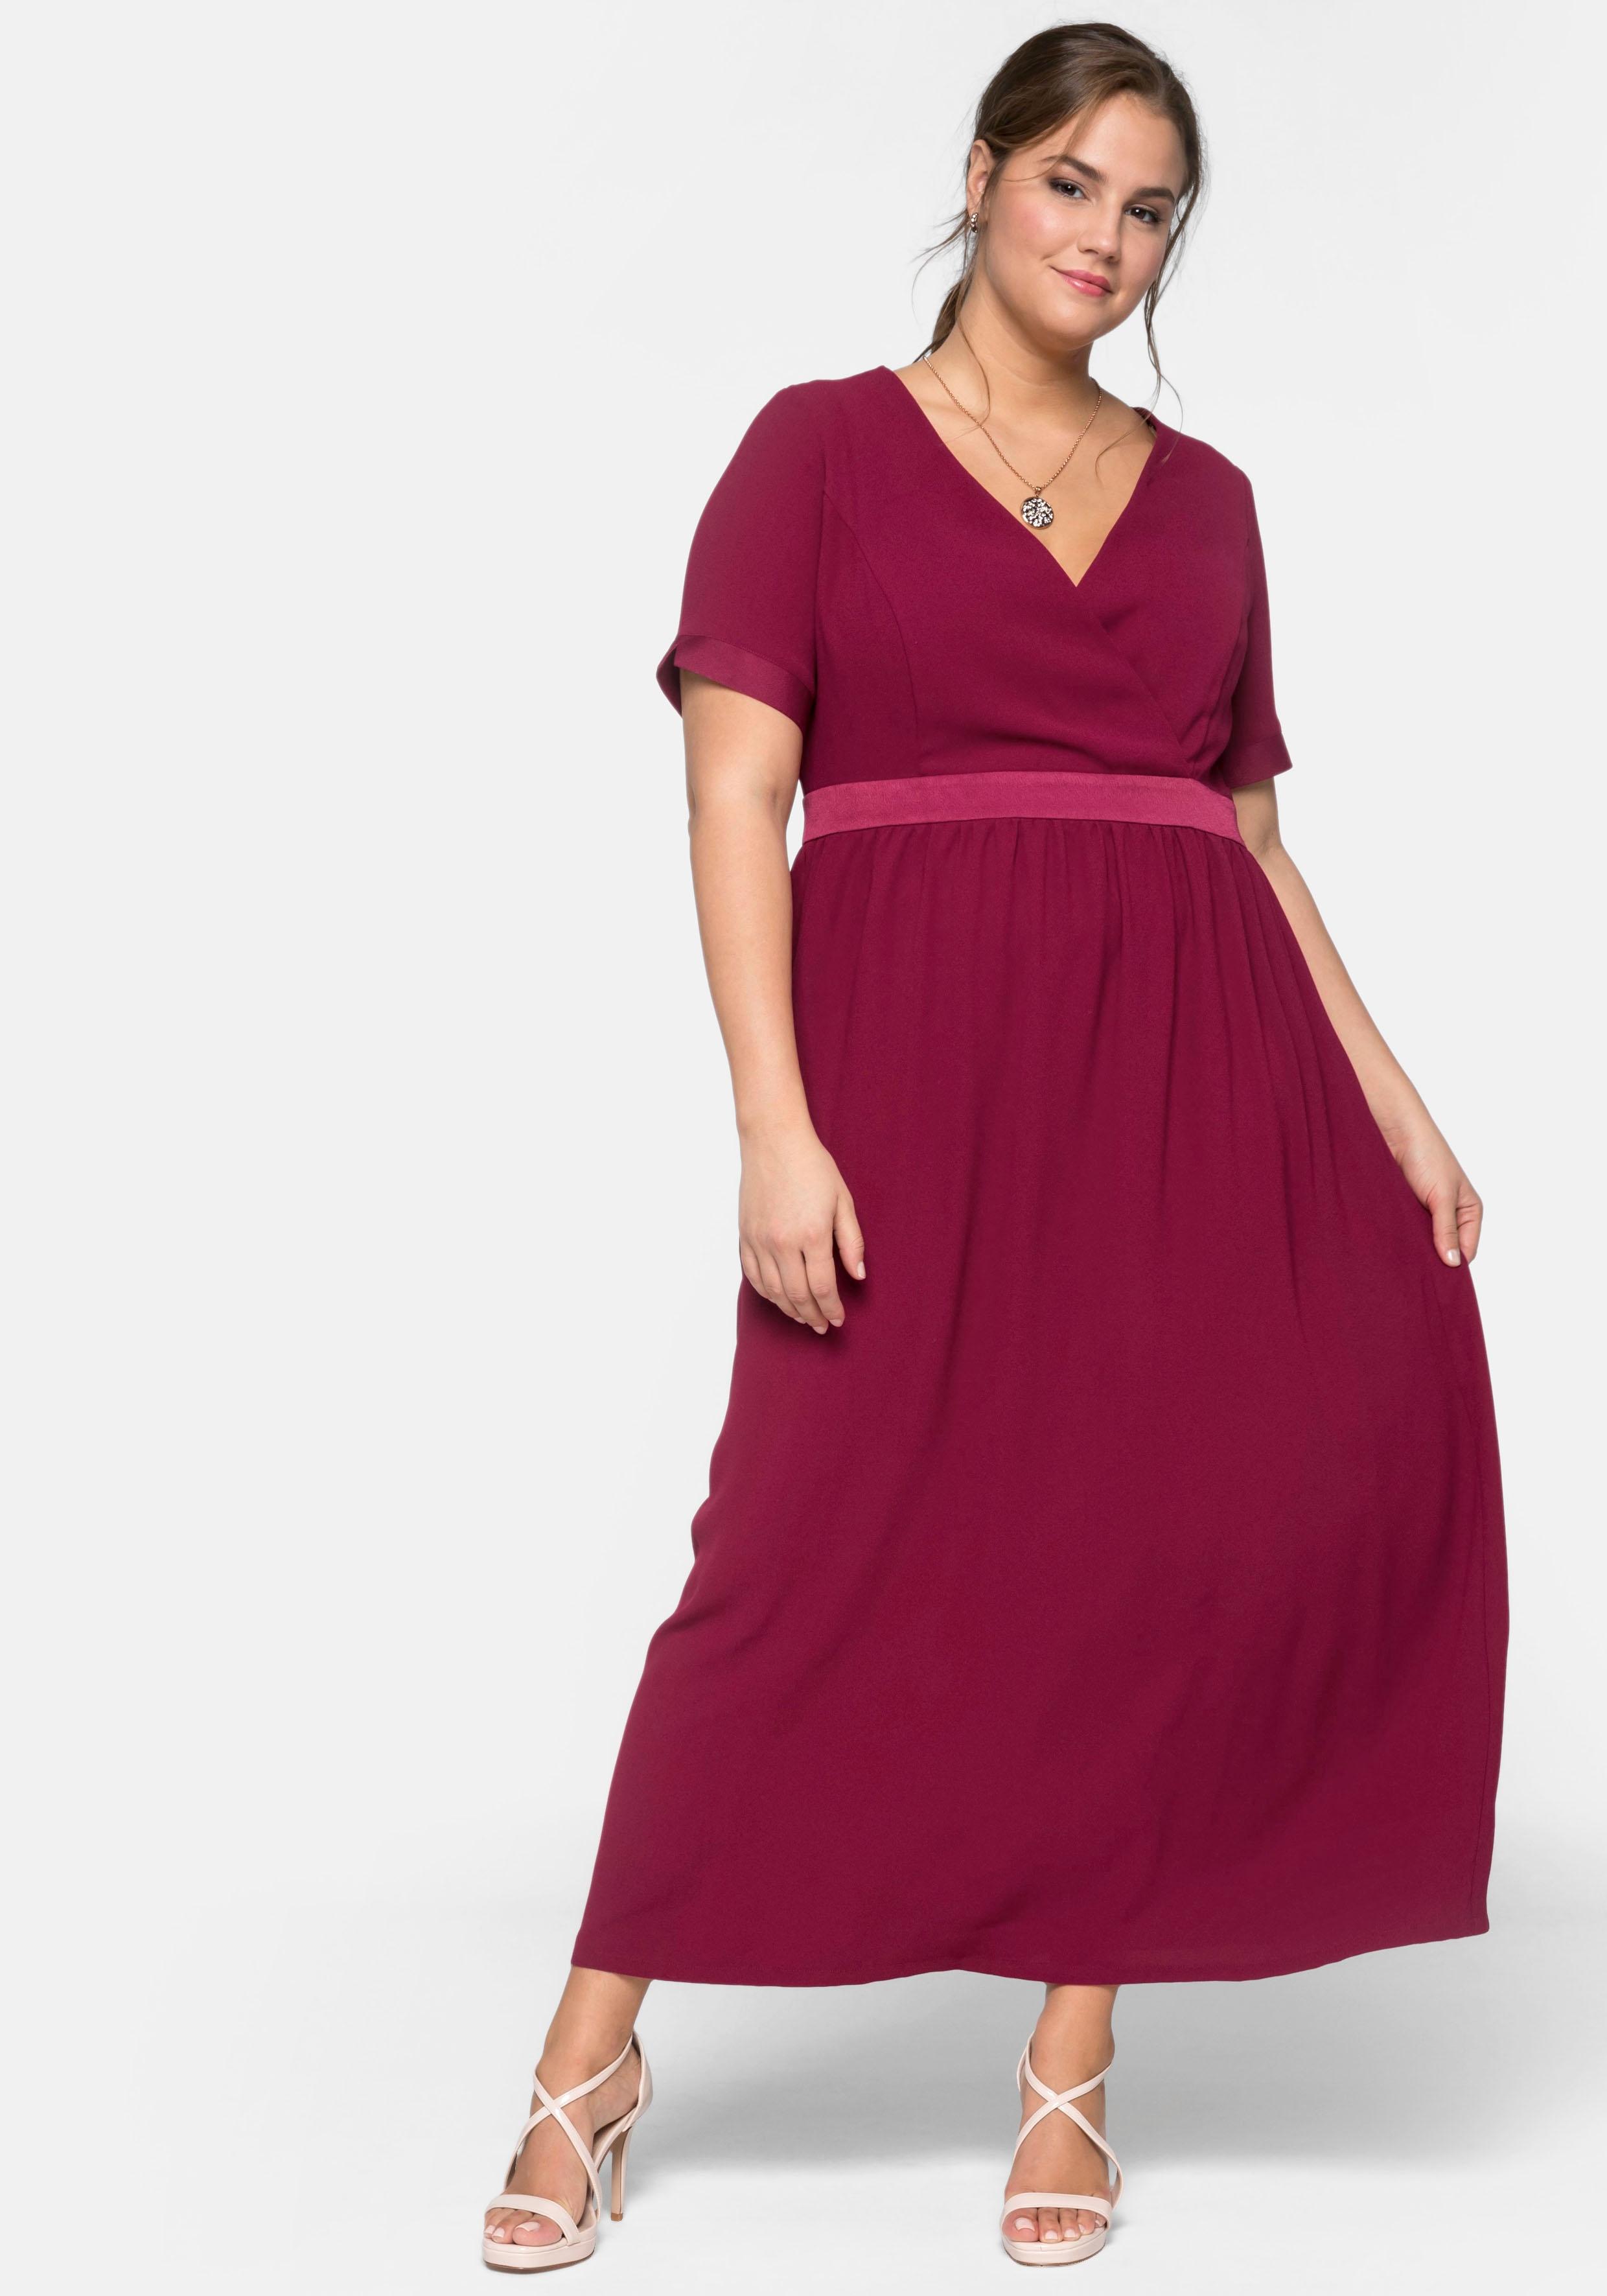 Sheego Abendkleid rot Damen Abendkleider Kleider